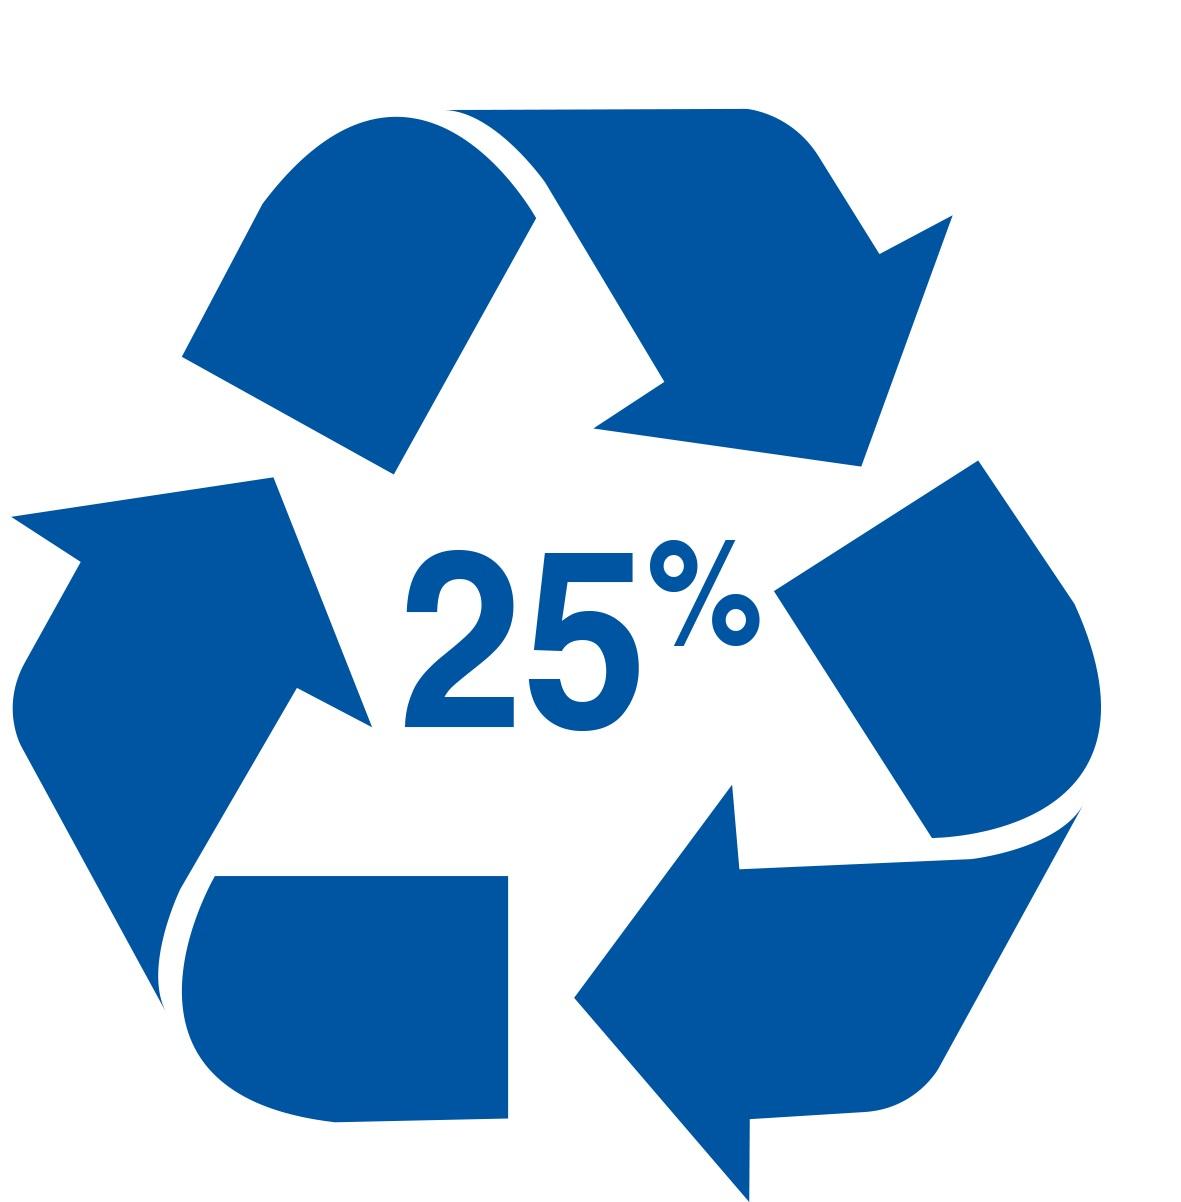 25% plastique recyclé